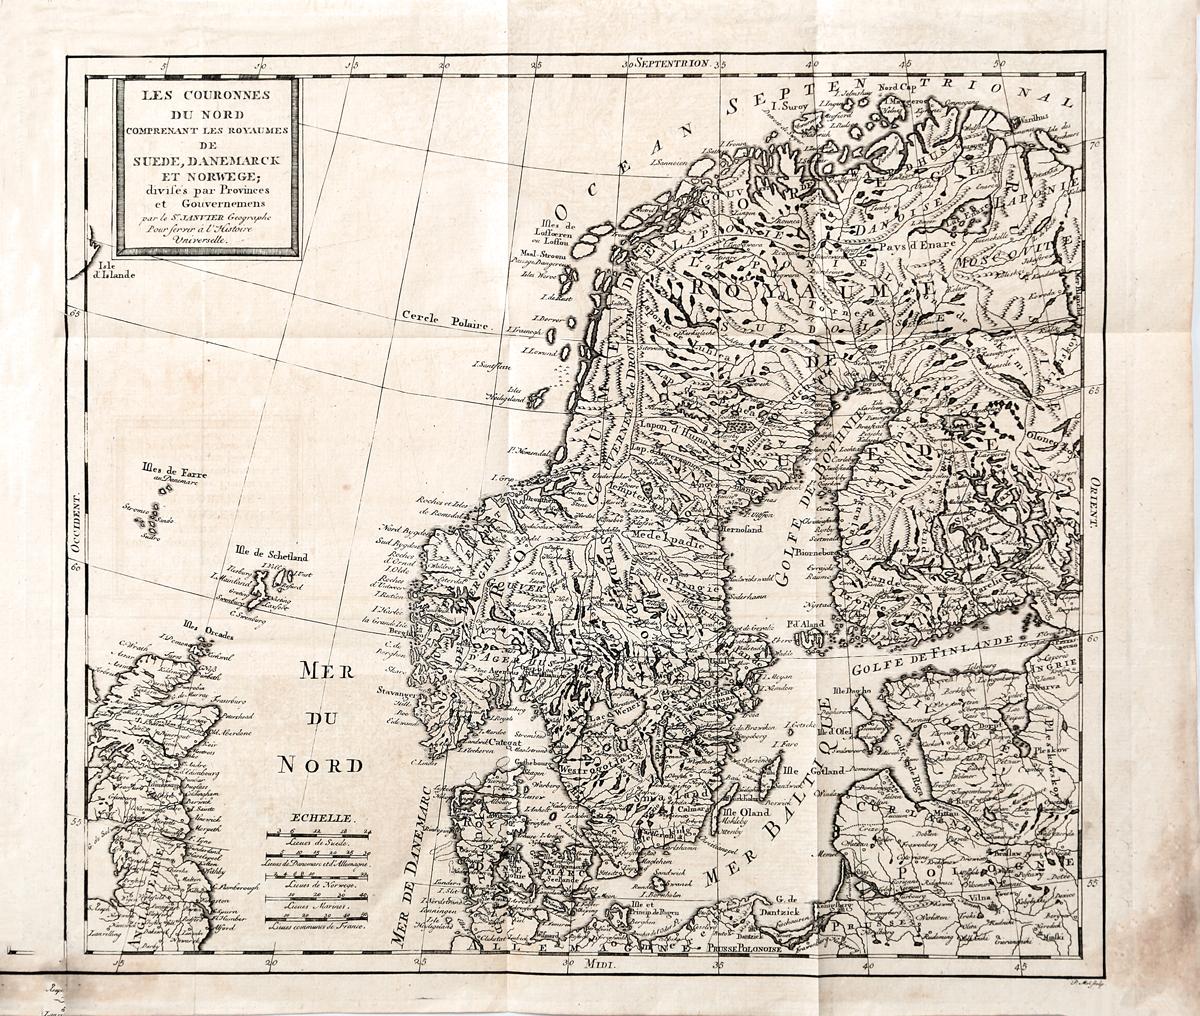 Географическая карта Северных Корон, включающая королевства Швеции, Дании и Норвегии. Гравюра. Западная Европа, середина XVIII века